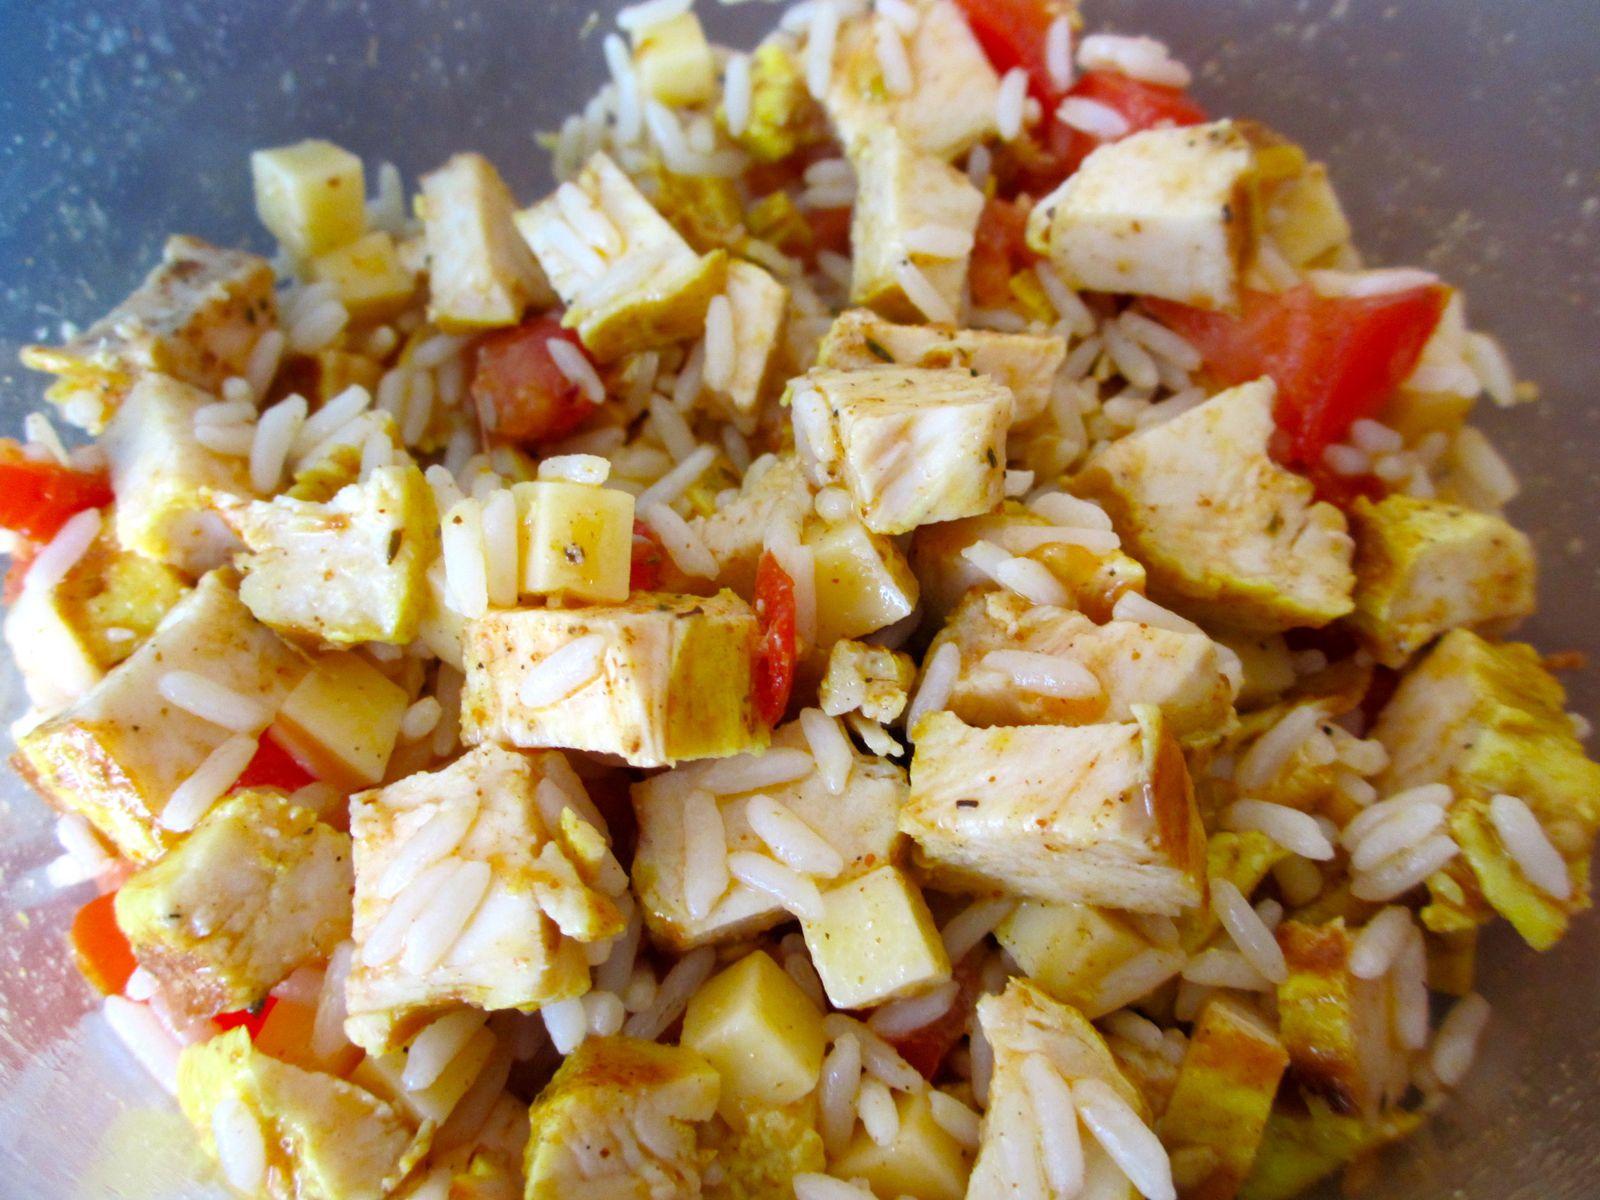 salade de riz au poulet recettes di t tiques et gourmandes. Black Bedroom Furniture Sets. Home Design Ideas